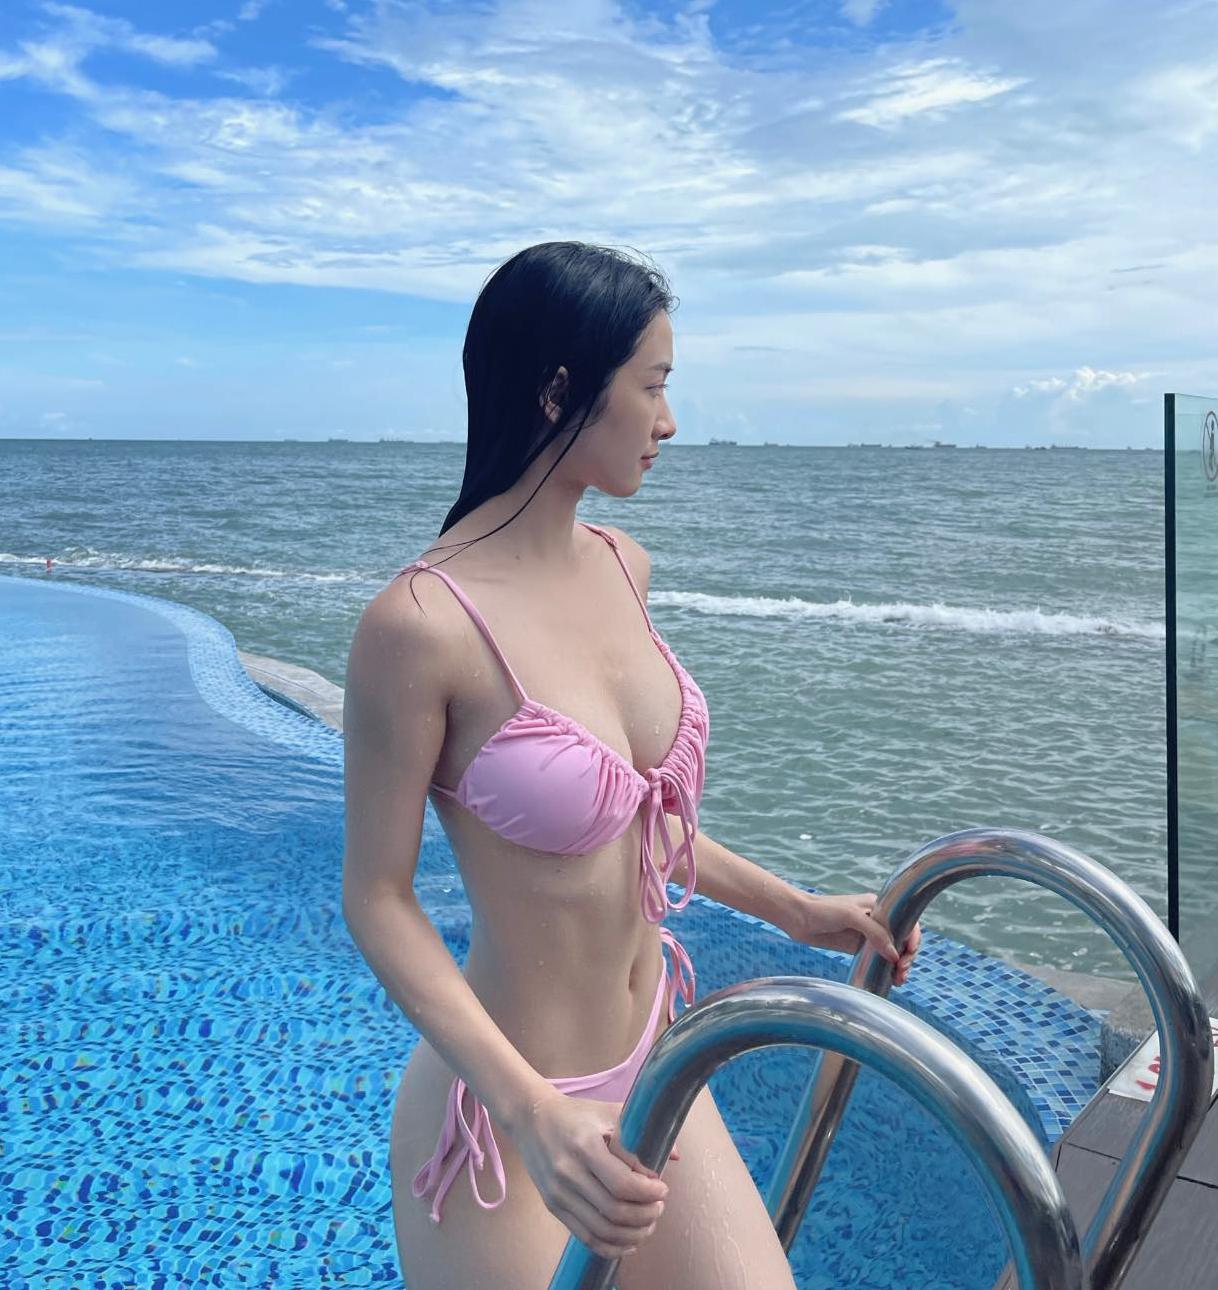 Diện bộ bikini nhỏ xíu, Jun Vũ khoe thân hình quyến rũ, vòng nào ra vòng nấy.